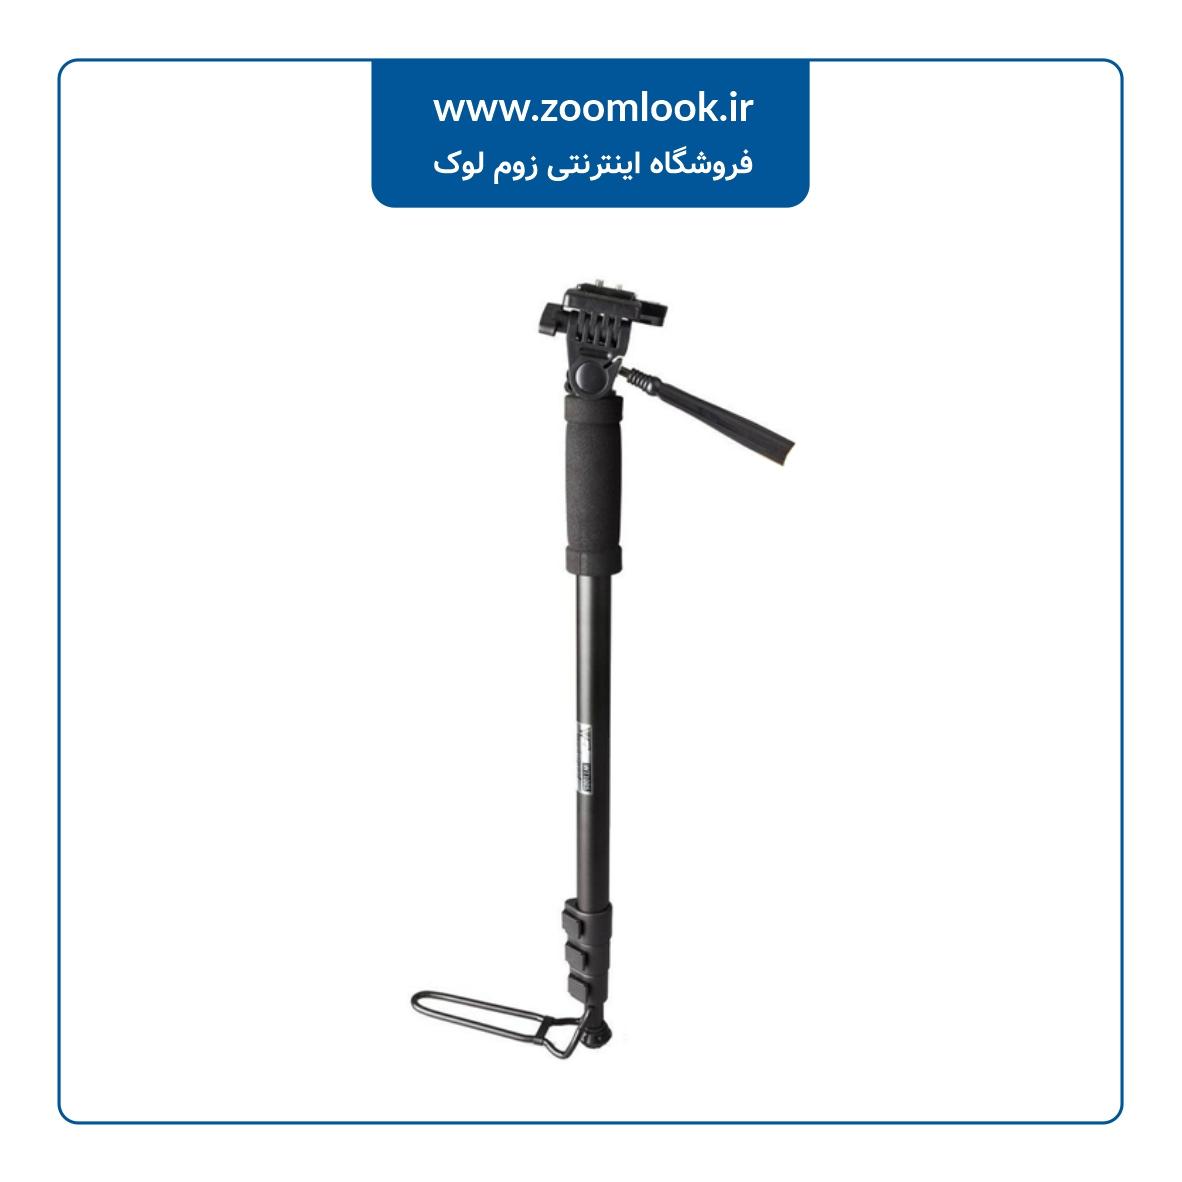 تک پایه دوربین ویفنگ مدل Weifeng WT1006